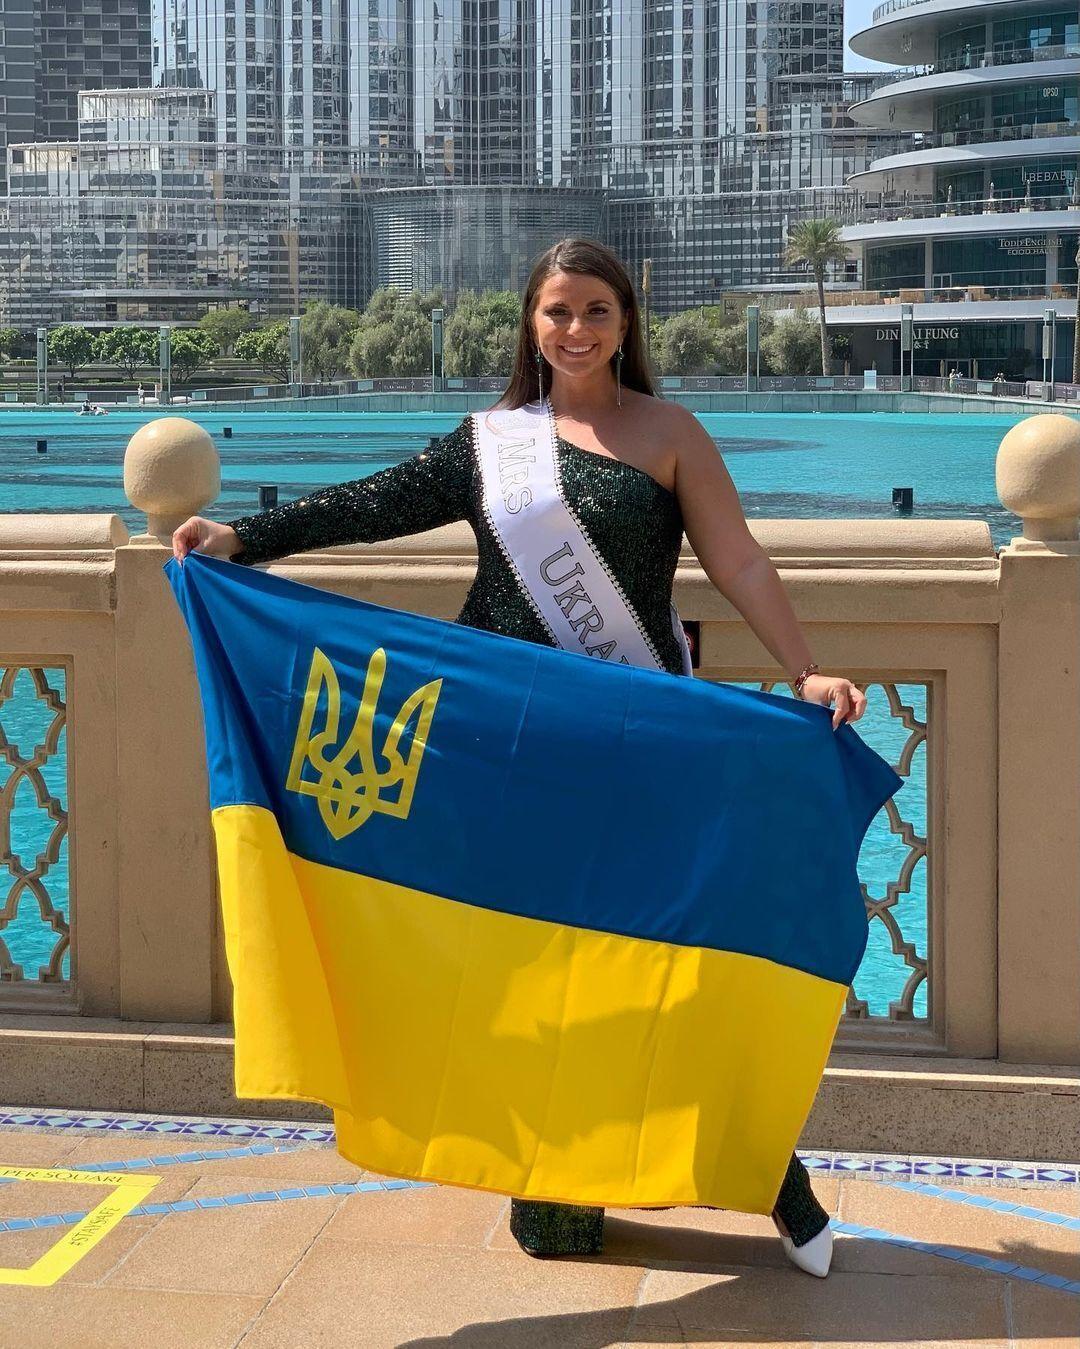 Виктория Щелко заняла первое место в конкурсе Miss World Plus Size